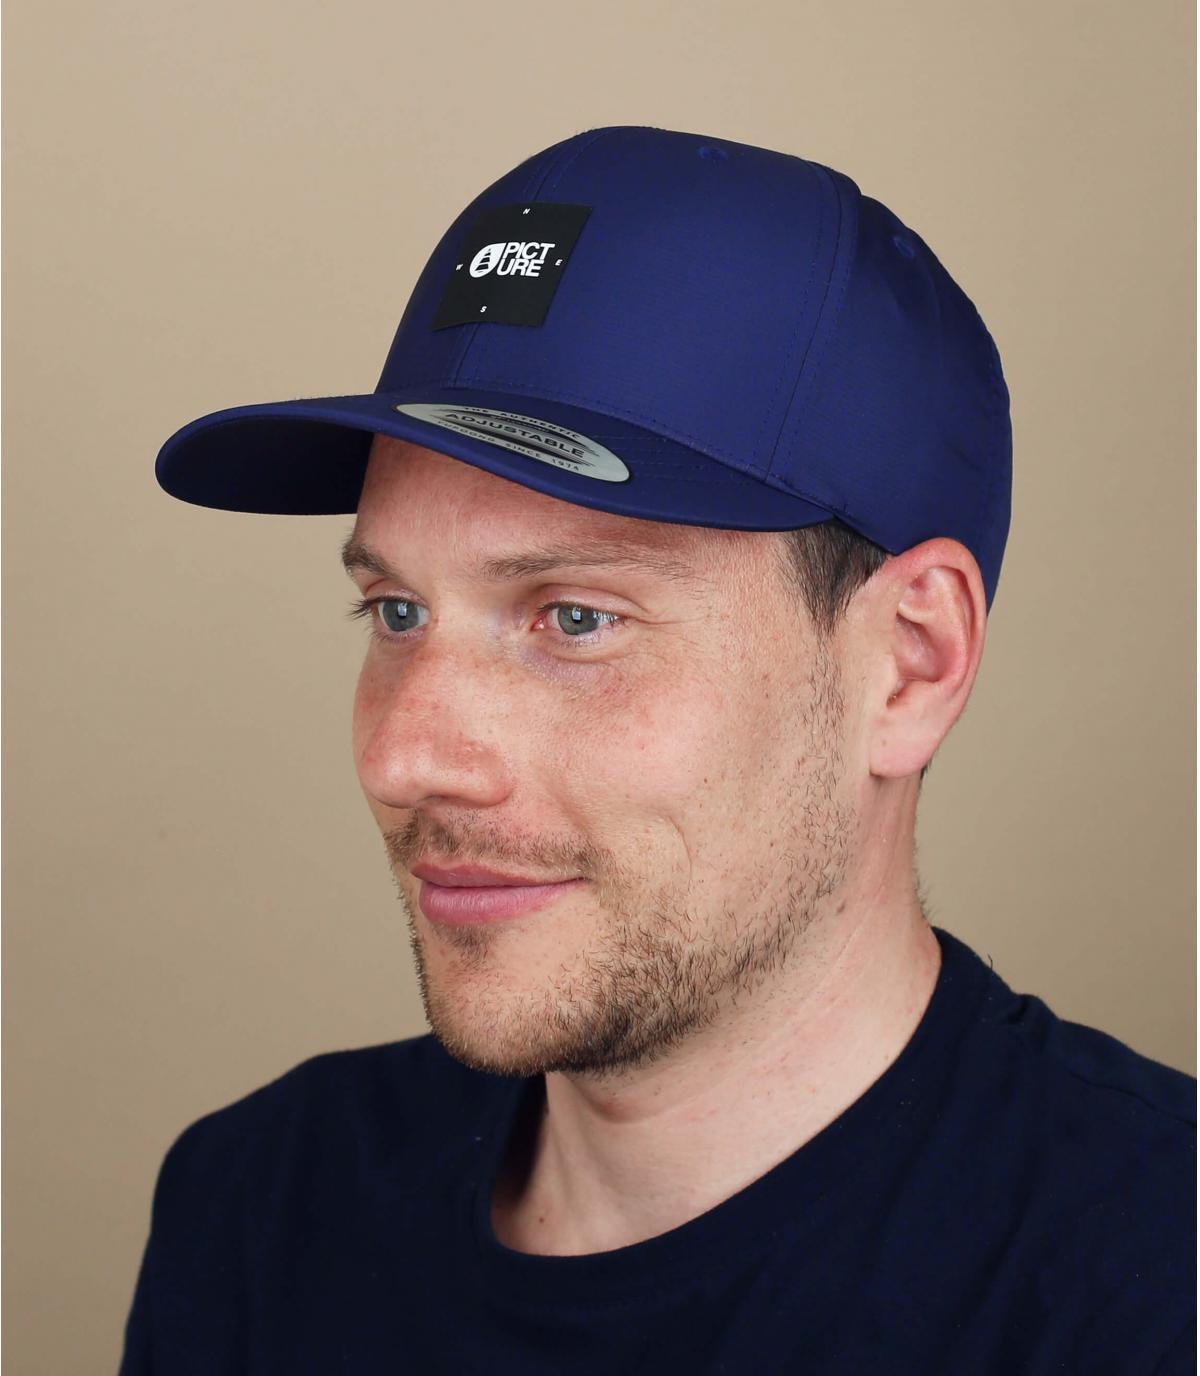 cappellino Picture blu marino